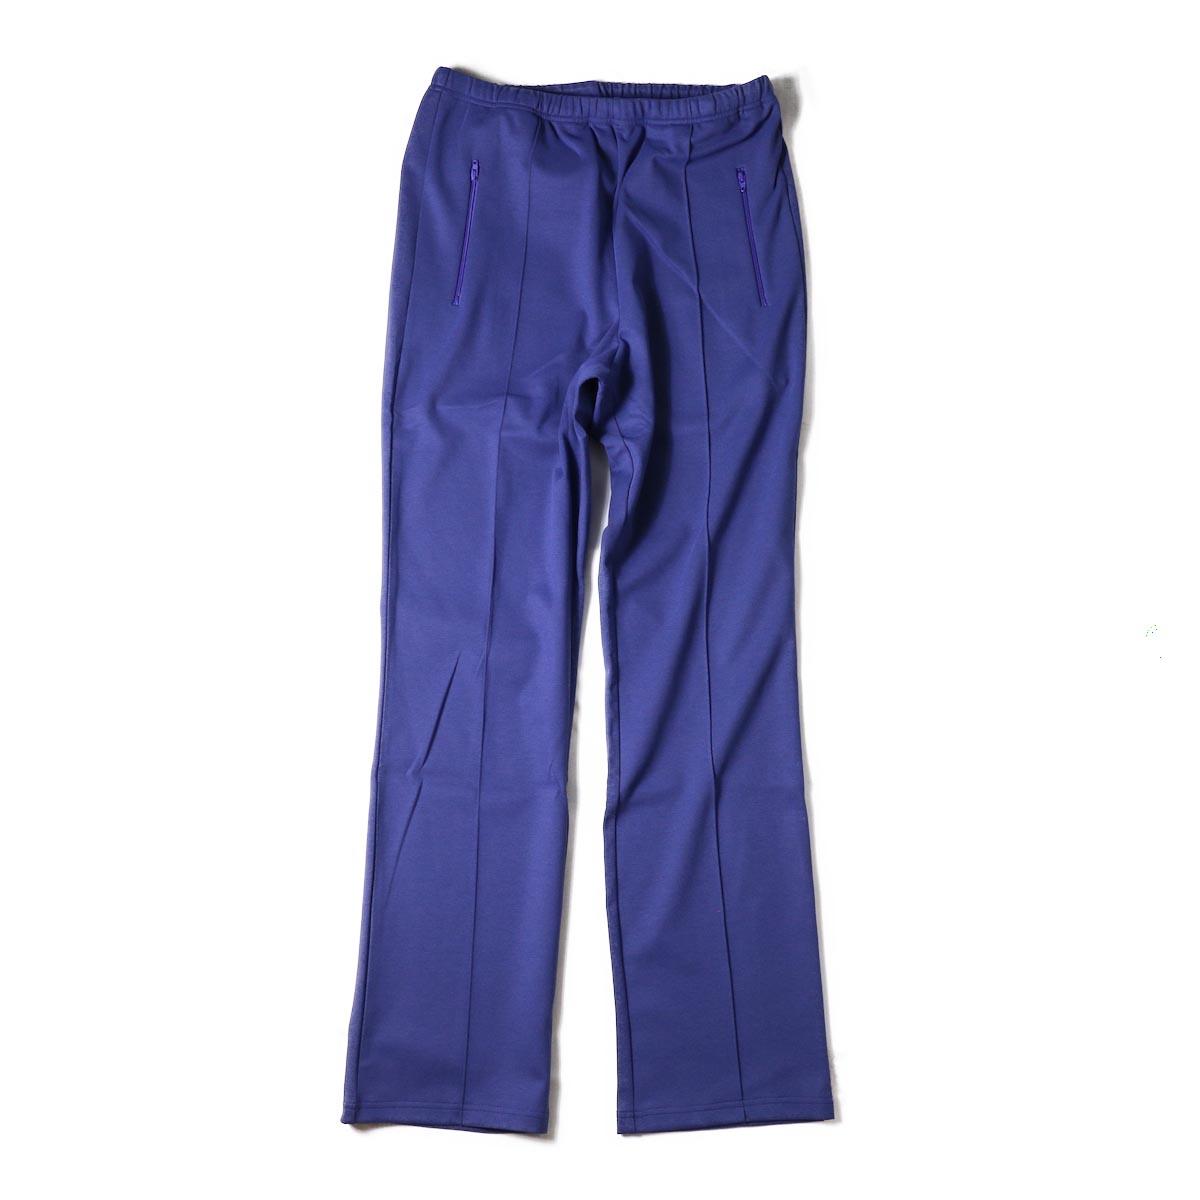 UNUSED / UW0721 Track Pant -Purple